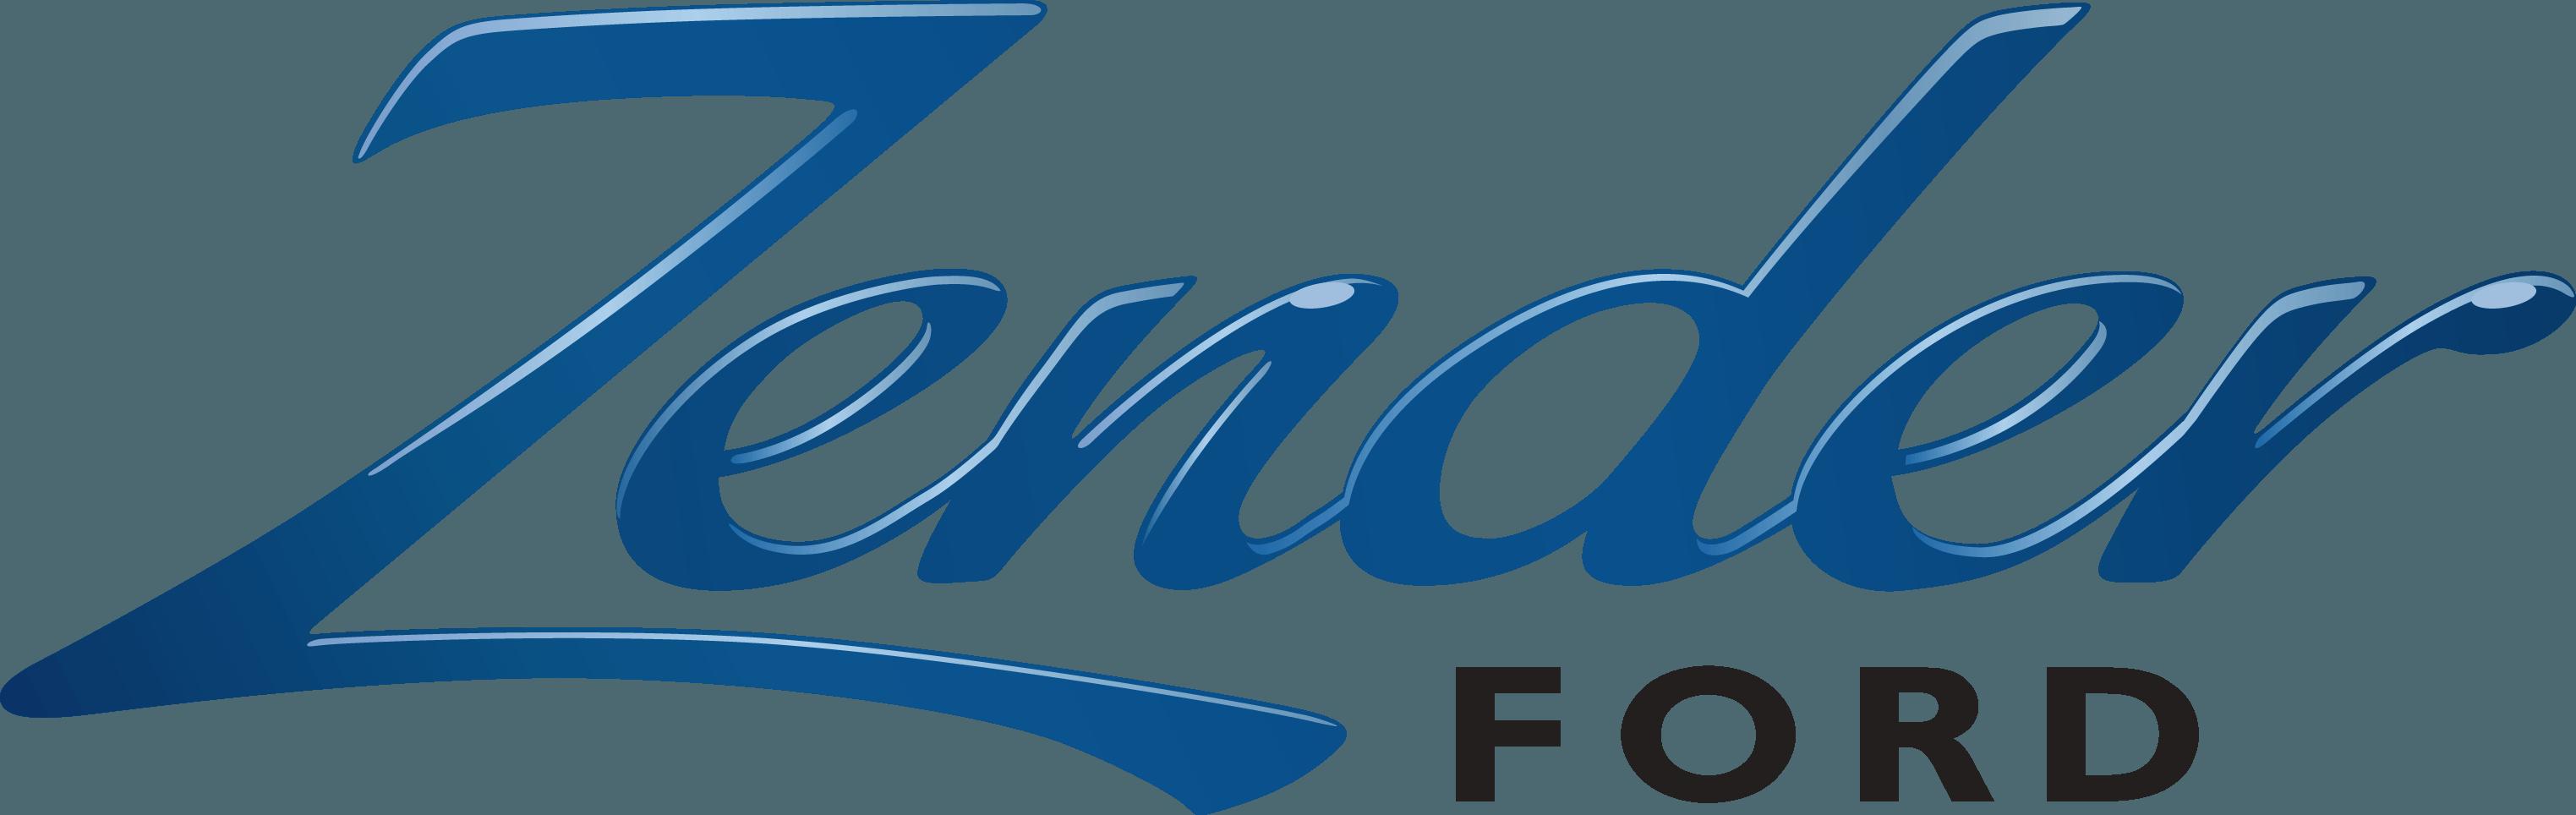 Zender-Ford-Logo_Color